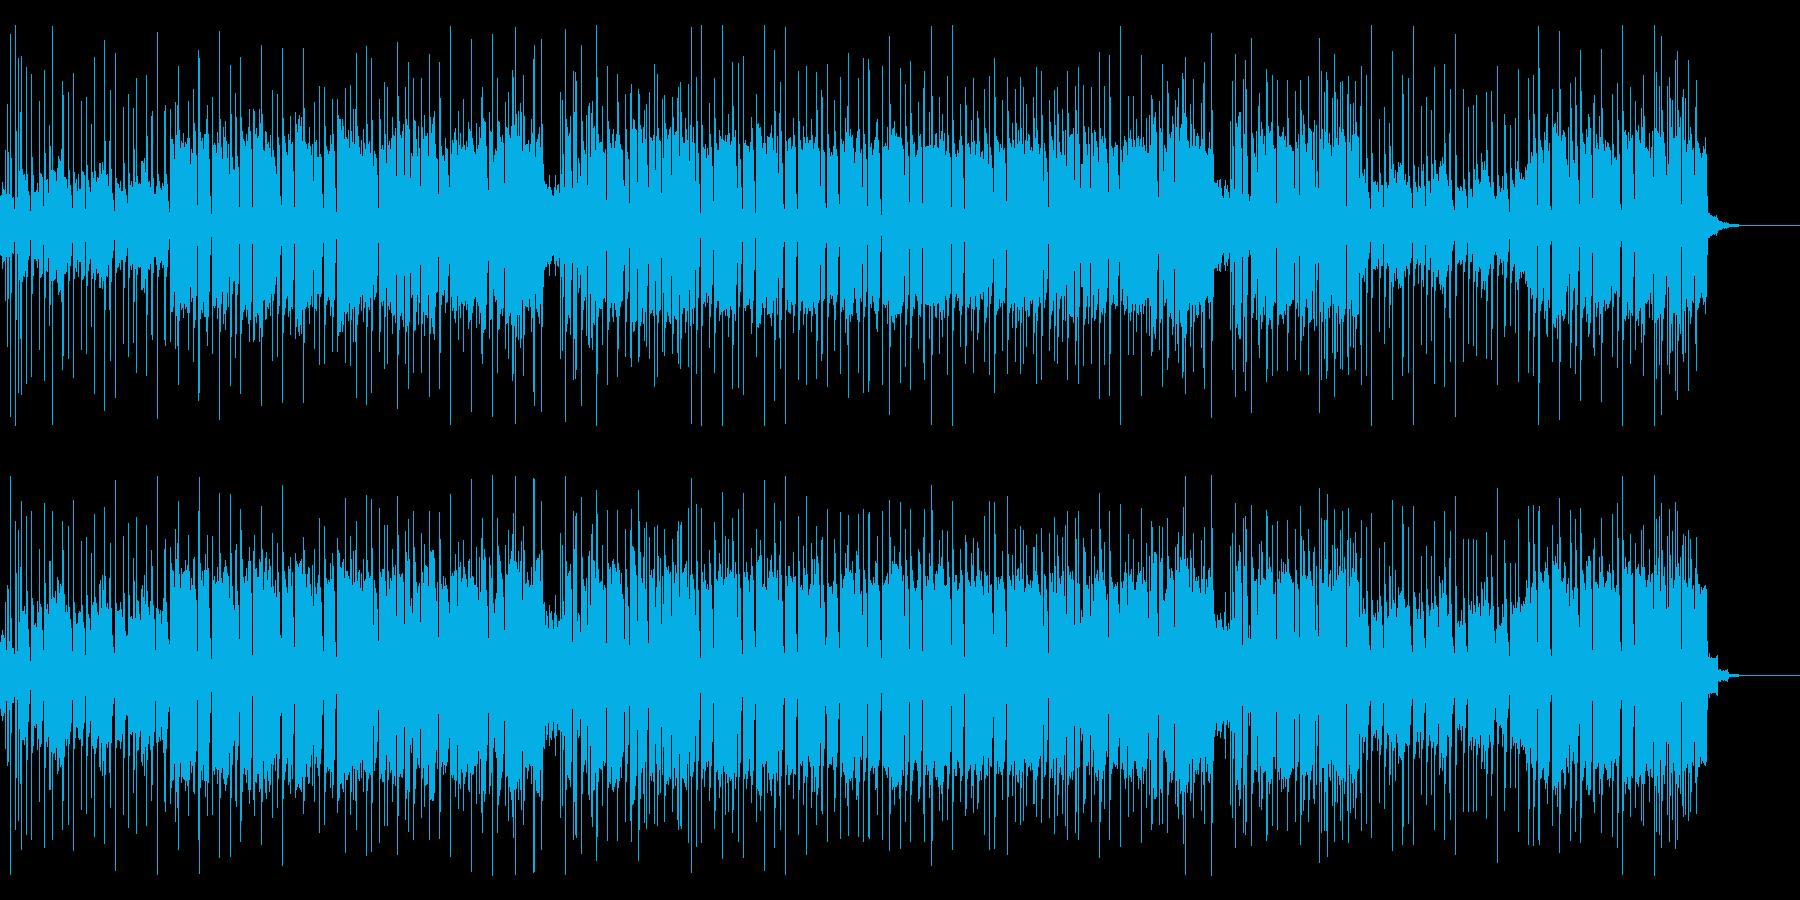 ミディアムテンポのロックなオープニングの再生済みの波形